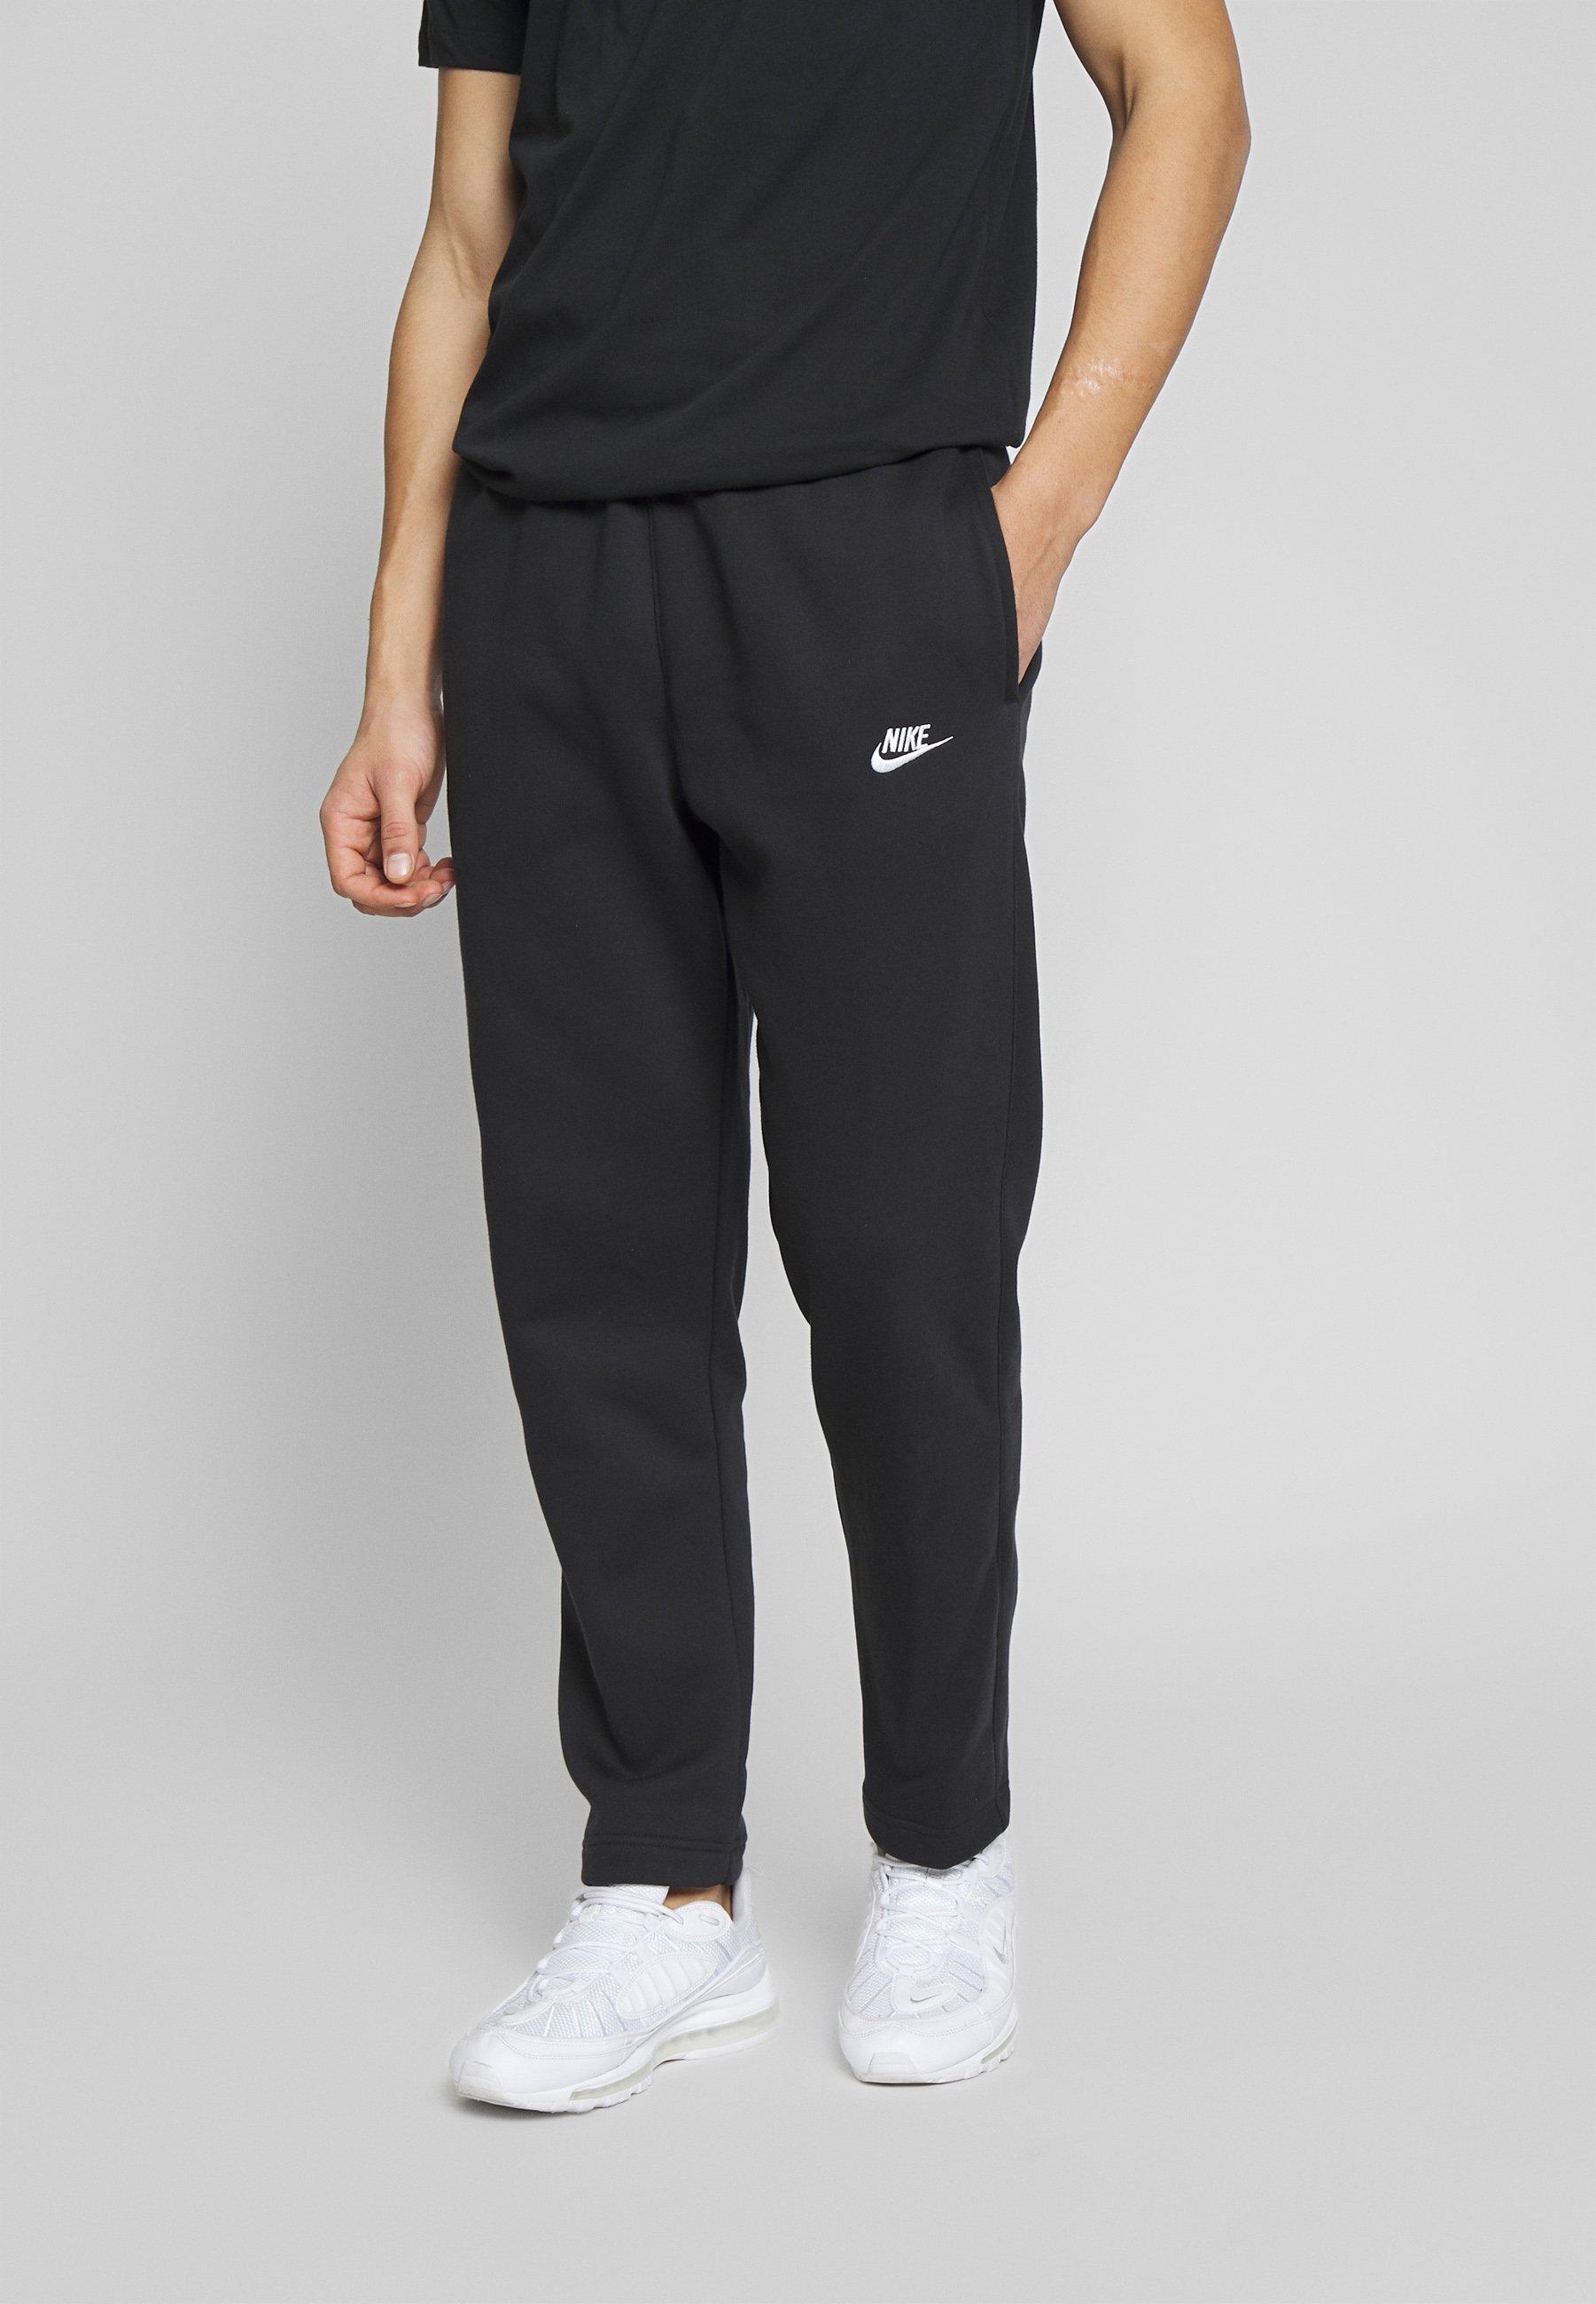 Homme CLUB PANT - Pantalon de survêtement